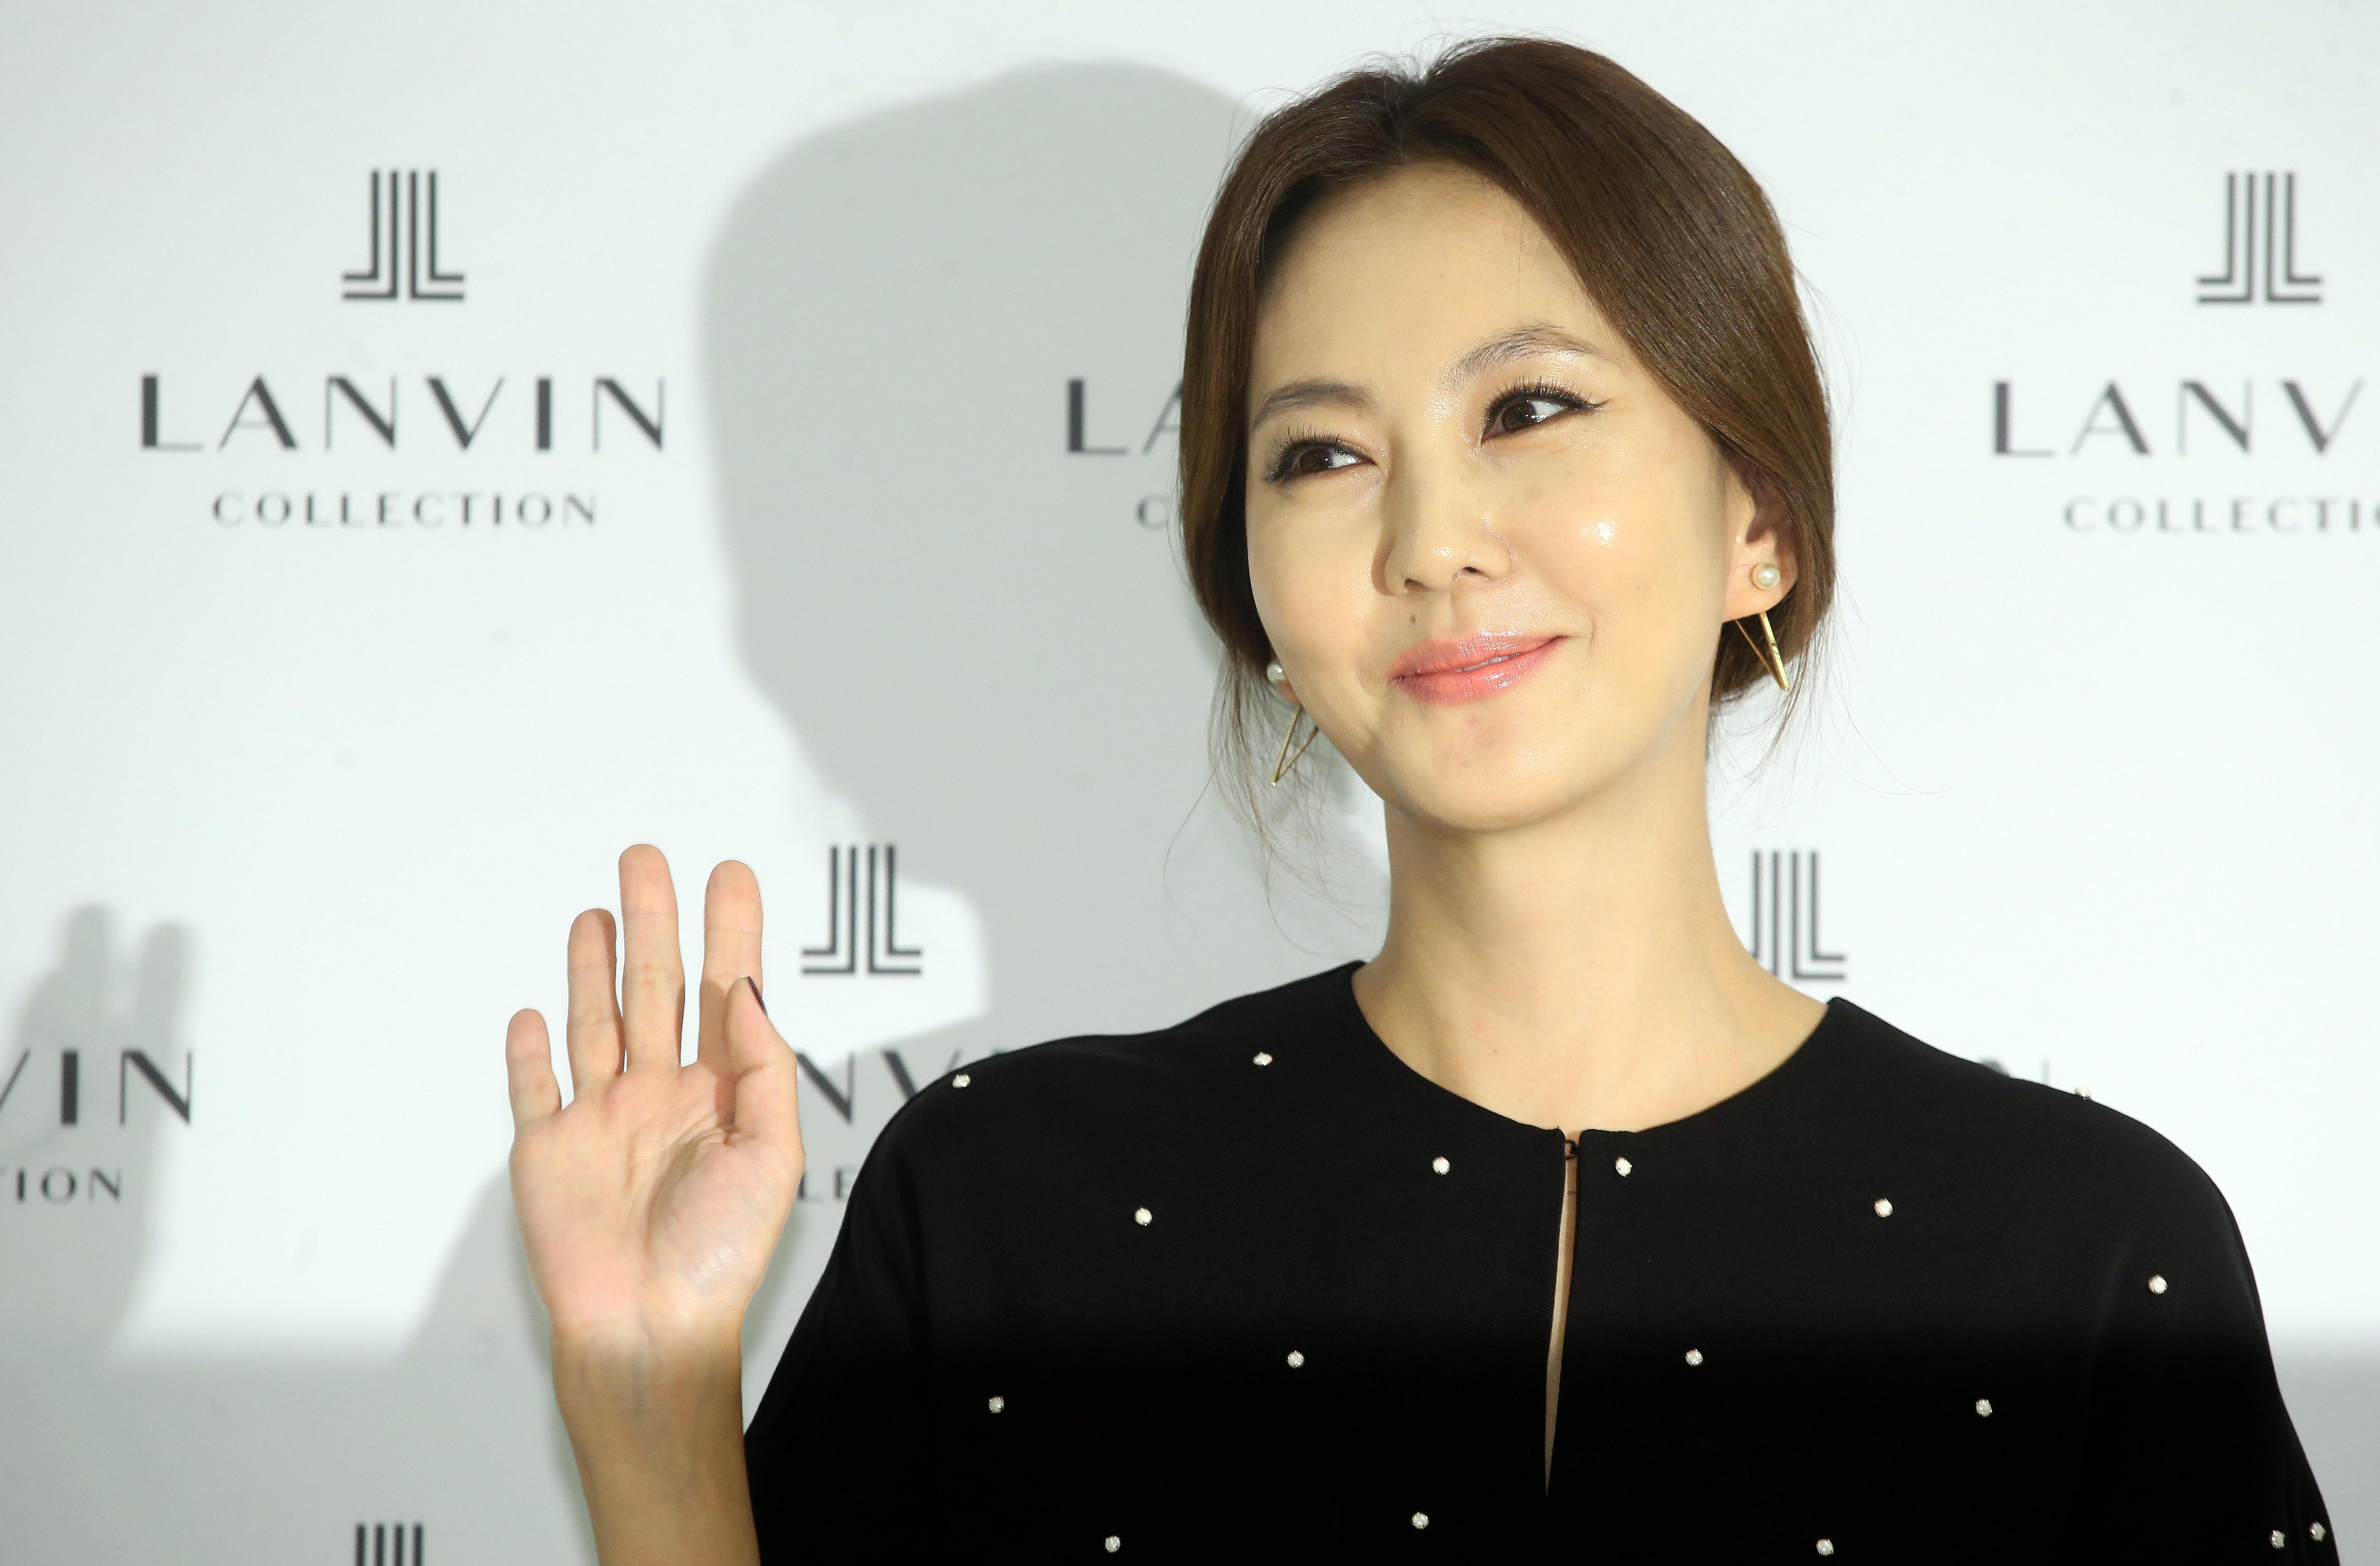 배우 김남주는 '멋있게 늙은 여자'가 되고 싶다고 말한다